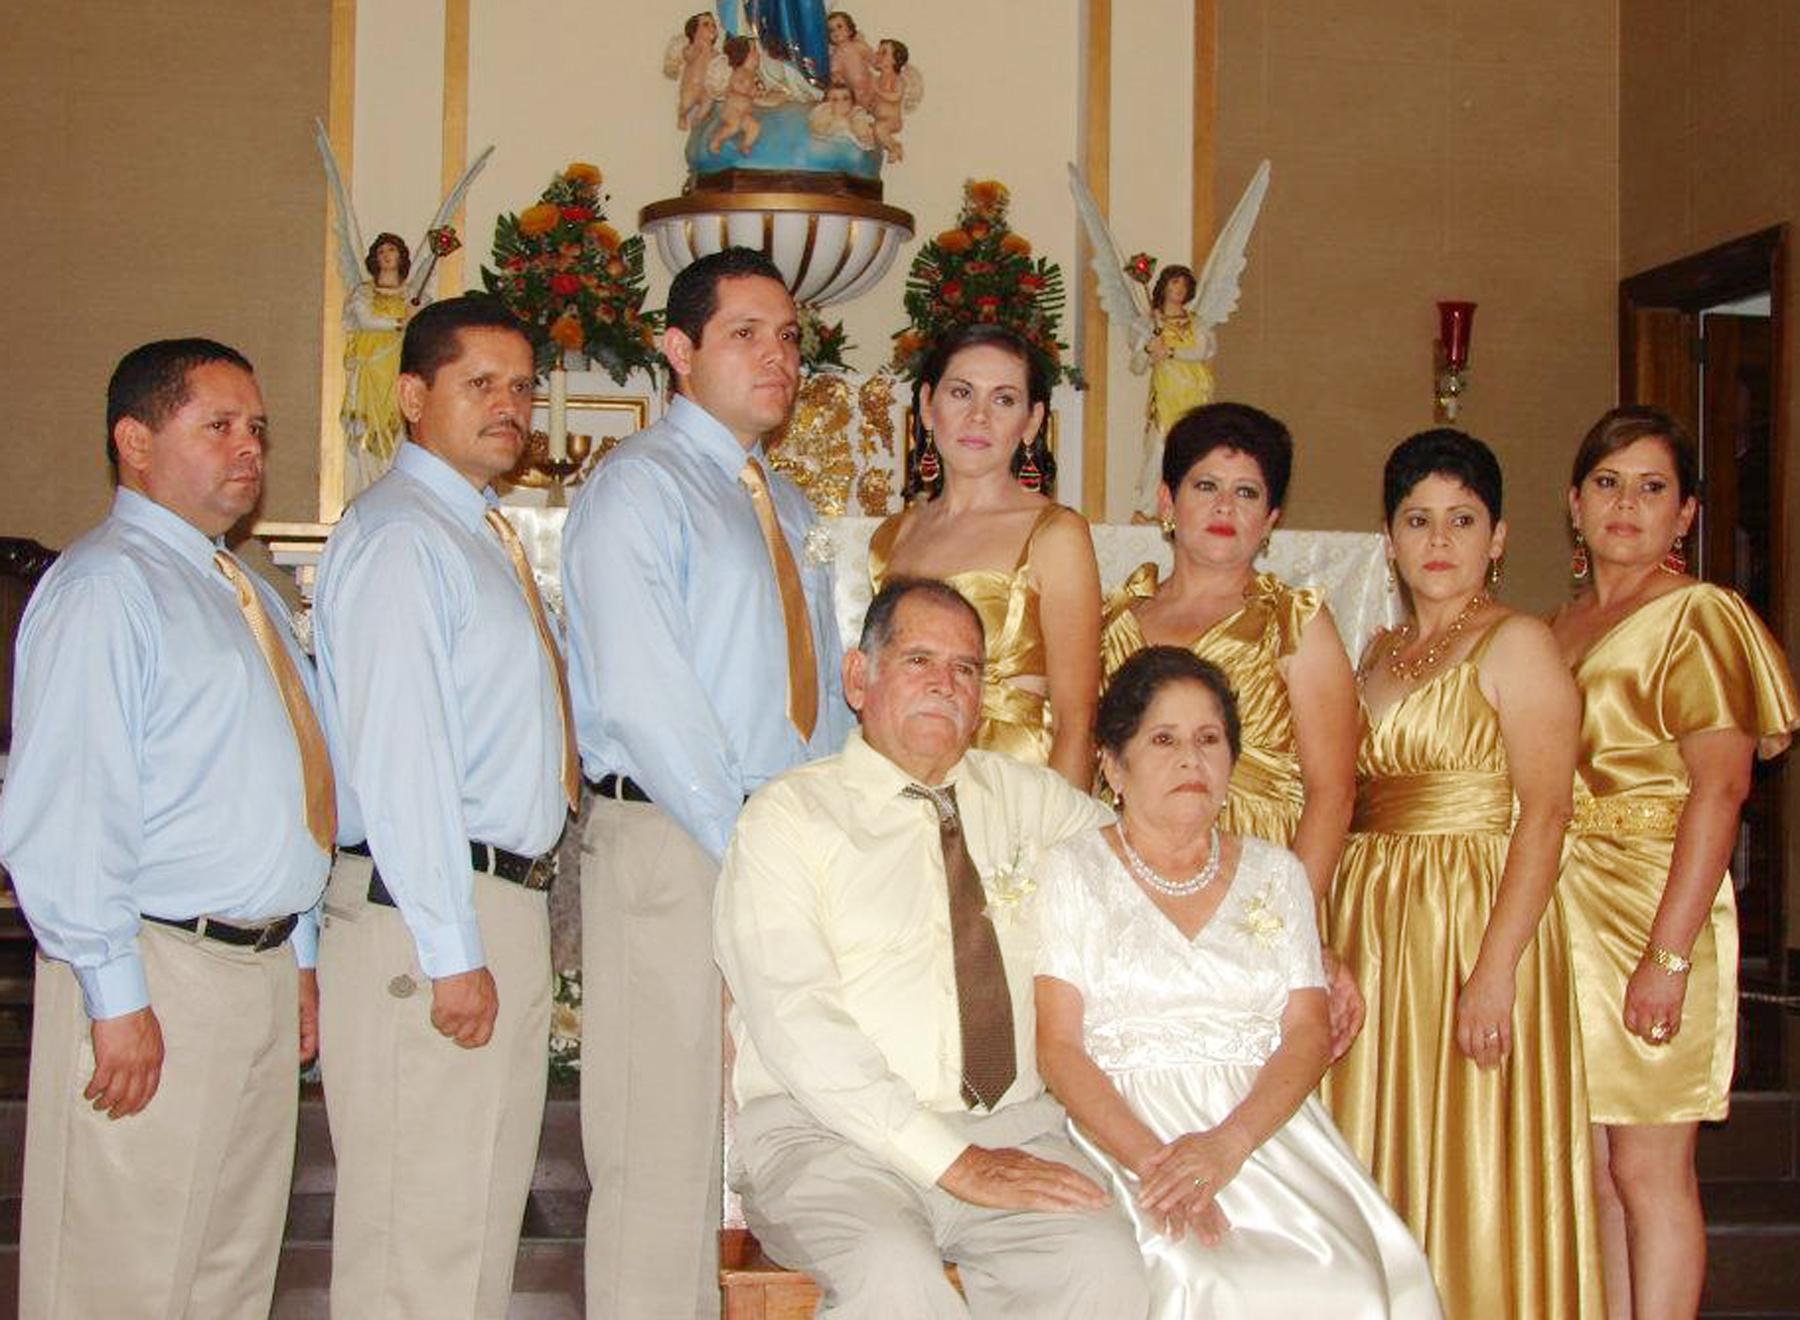 Familia Pérez García, en el Tamplo faltando dos de los hijos a los que Doña Julia la Madre dijo - Los traigo en el corazón.